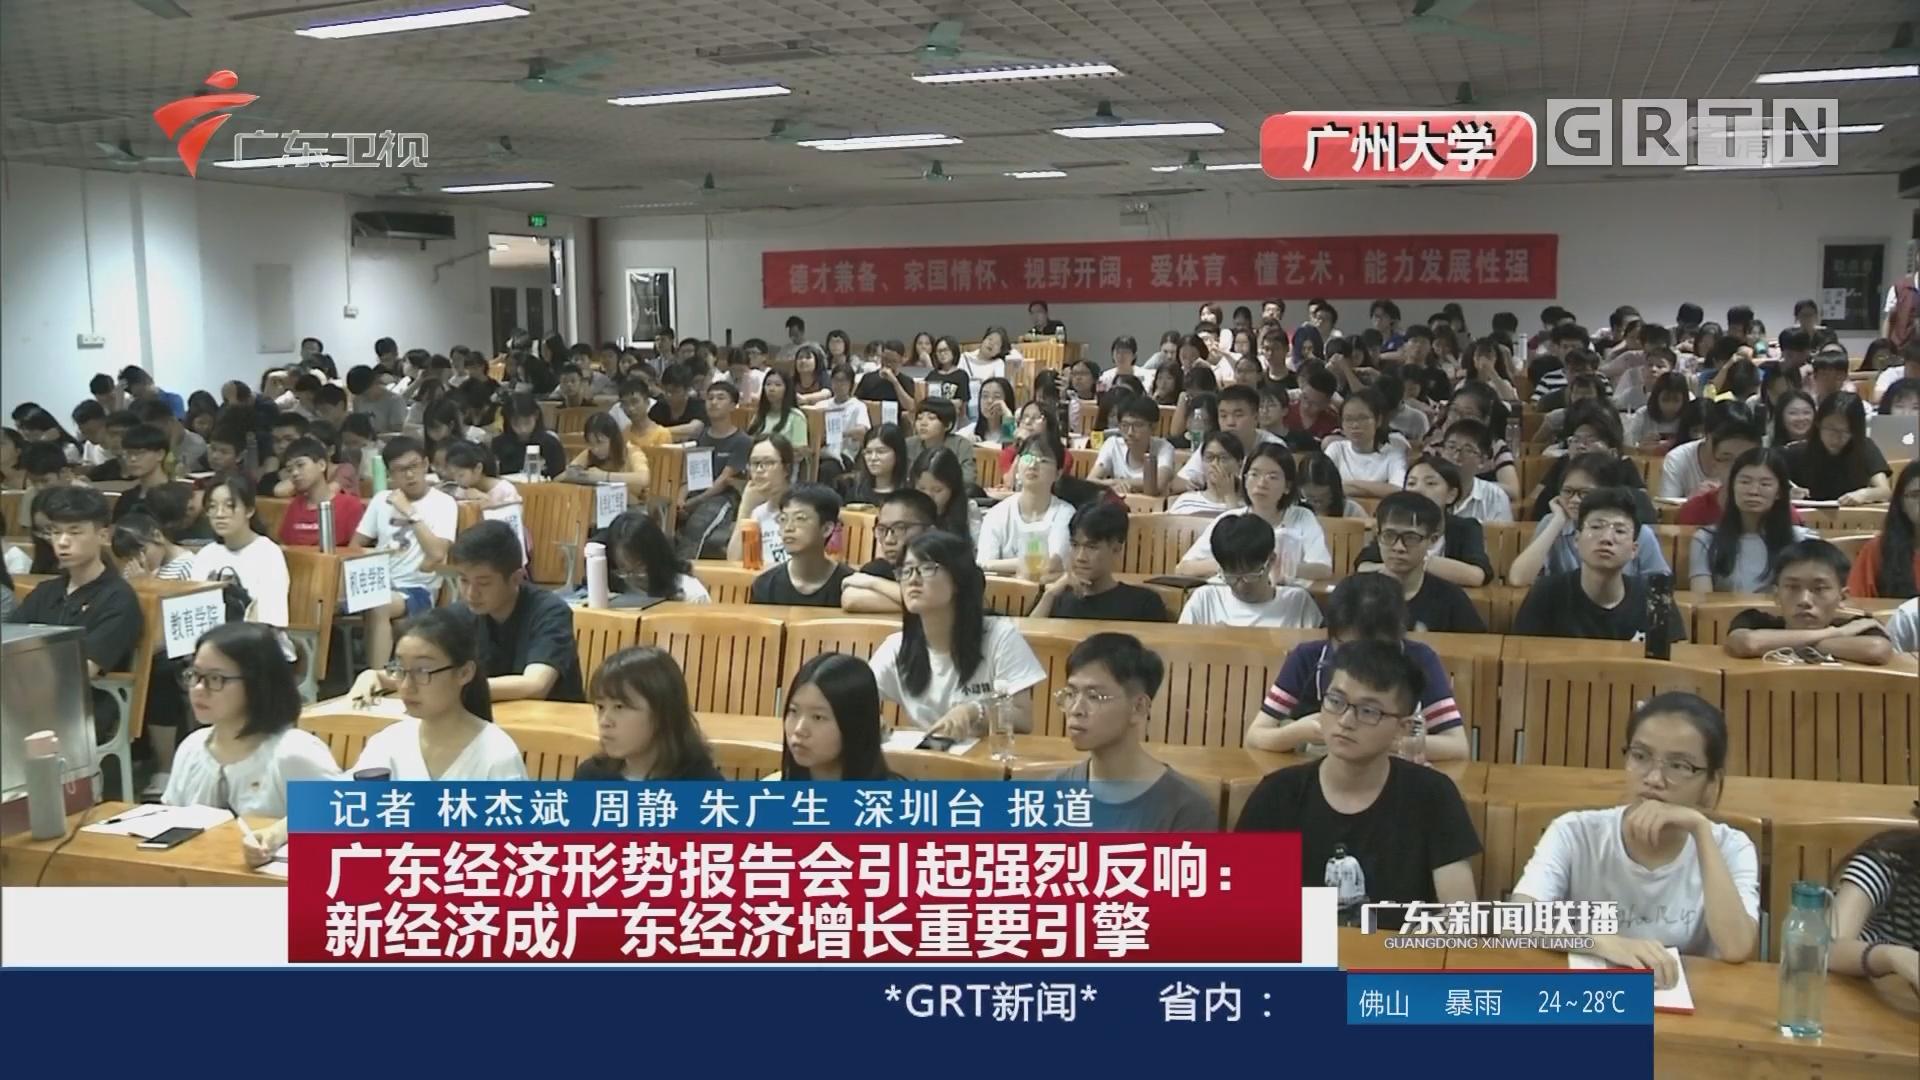 广东经济形势报告会引起强烈反响:新经济成广东经济增长重要引擎